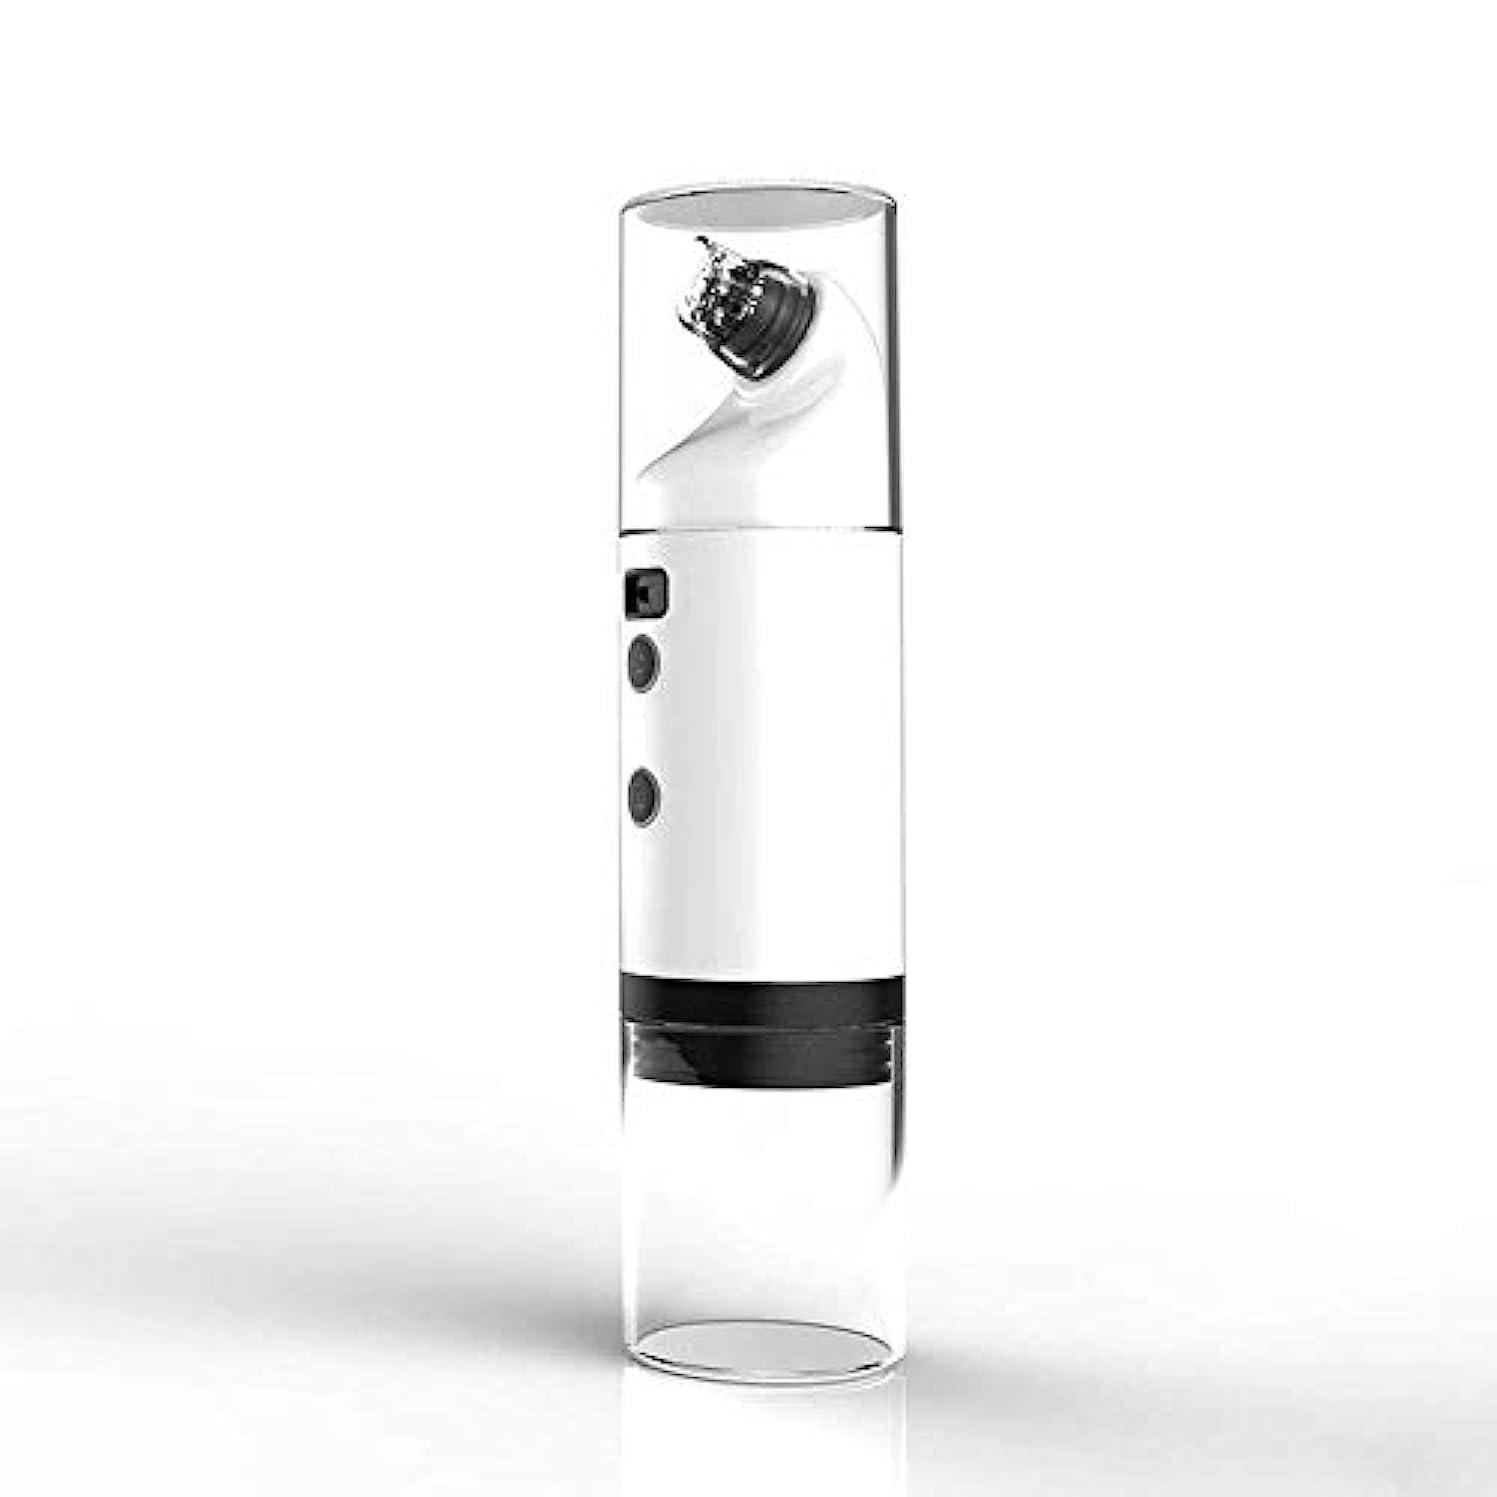 自動車ワット多様な水サイクルにきびリムーバー多機能usb充電にきびコメドン掃除機電気顔毛穴クリーニング美容器具